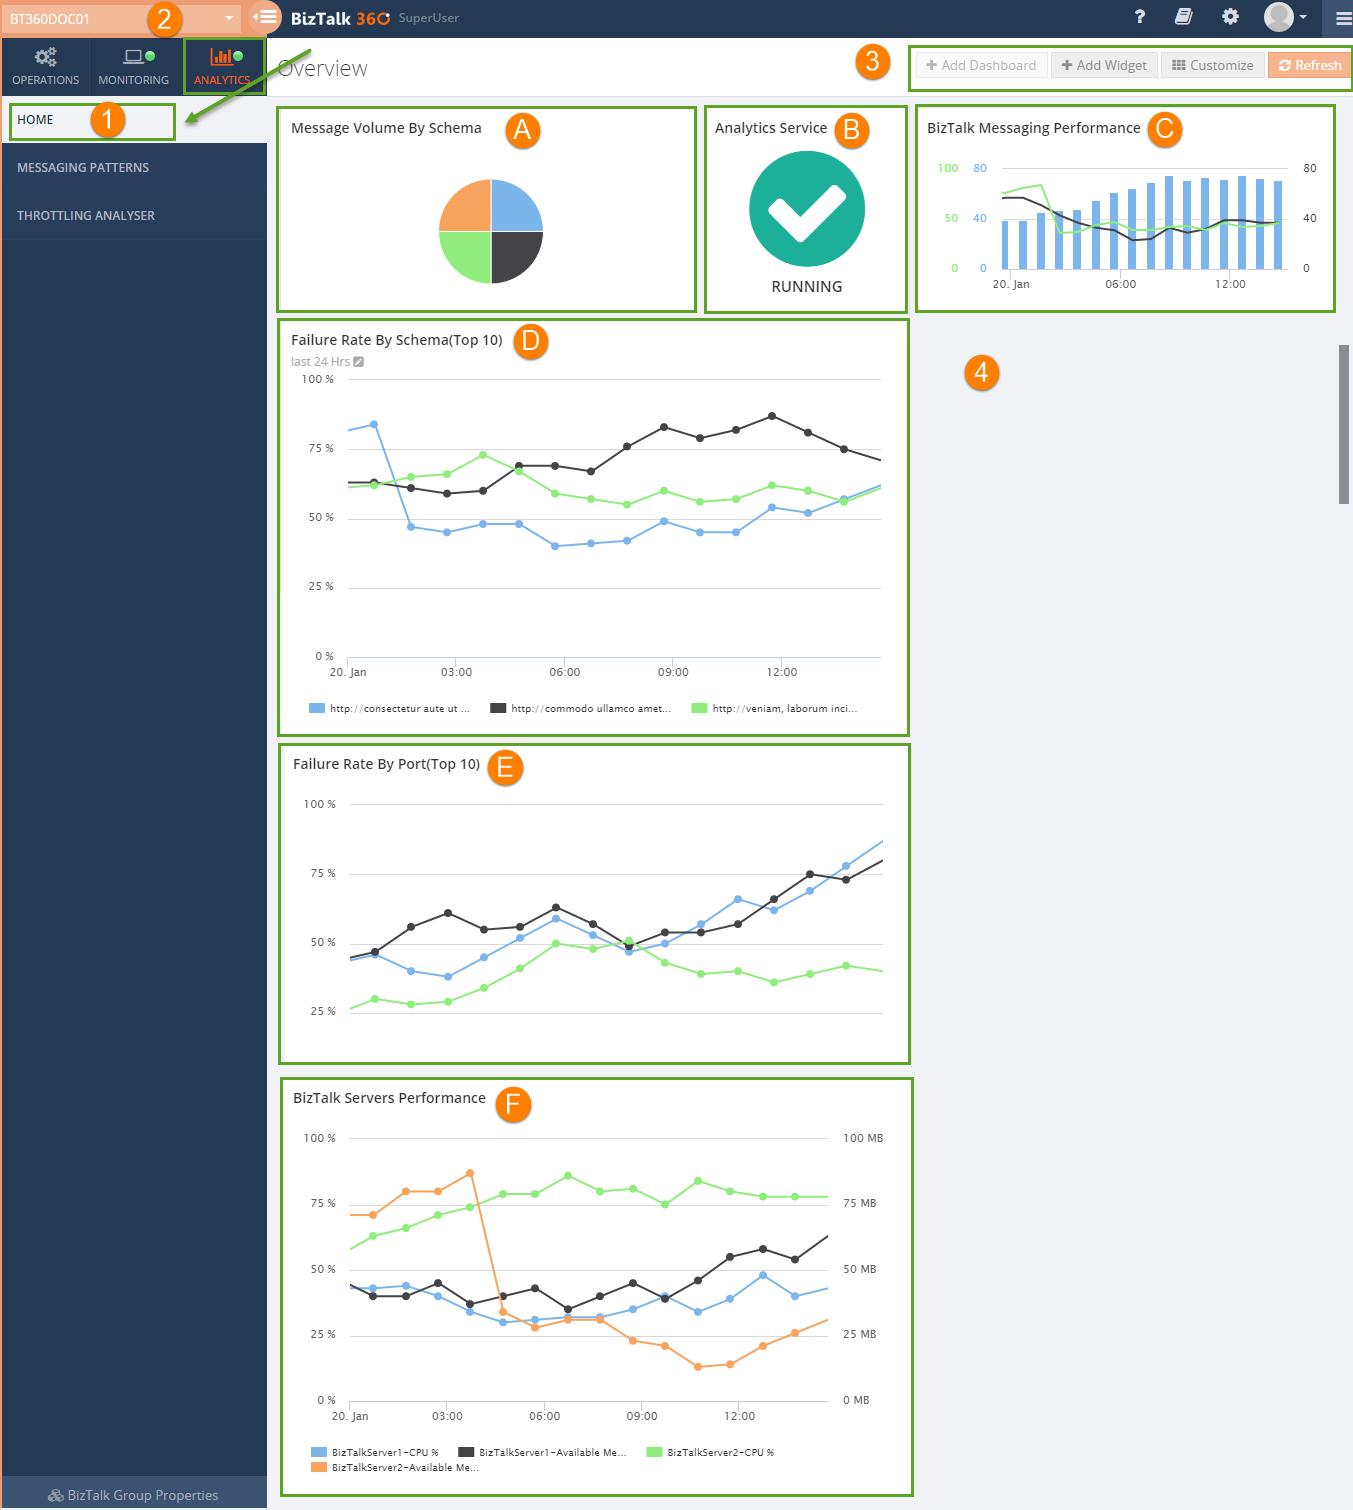 biztalk360 analytics window